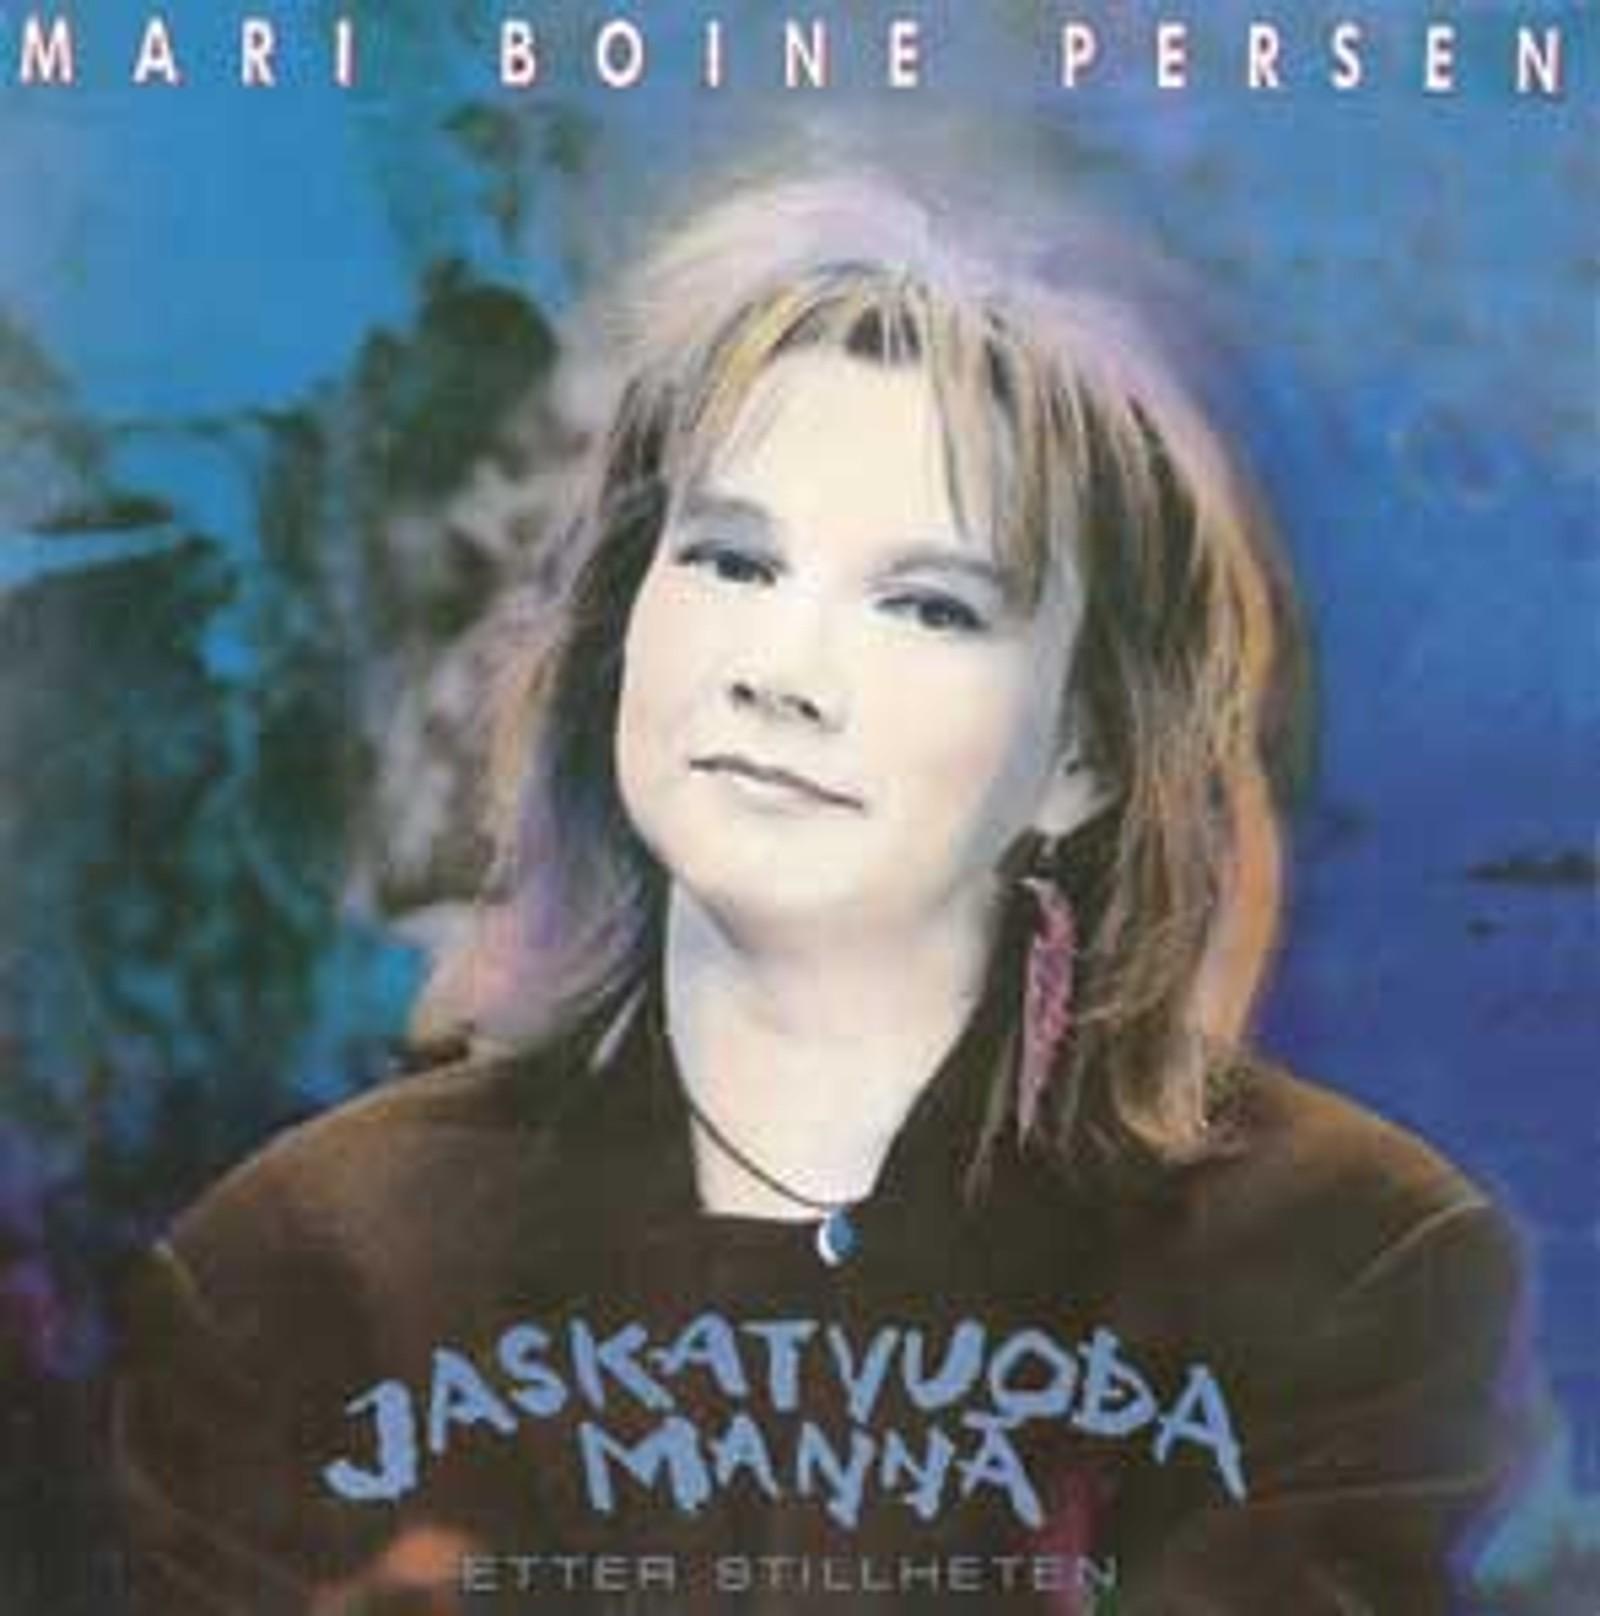 I 1985 kom Mari Boine med sin første LP: Etter stillheten. Platen inneholder også «Ná darvánii jahkku». Låta er en egenforfattet tekst til John Lennons «Working class hero». Blant enkelte i samiske miljøer ble hun den gang kritisert for å synge på samisk.